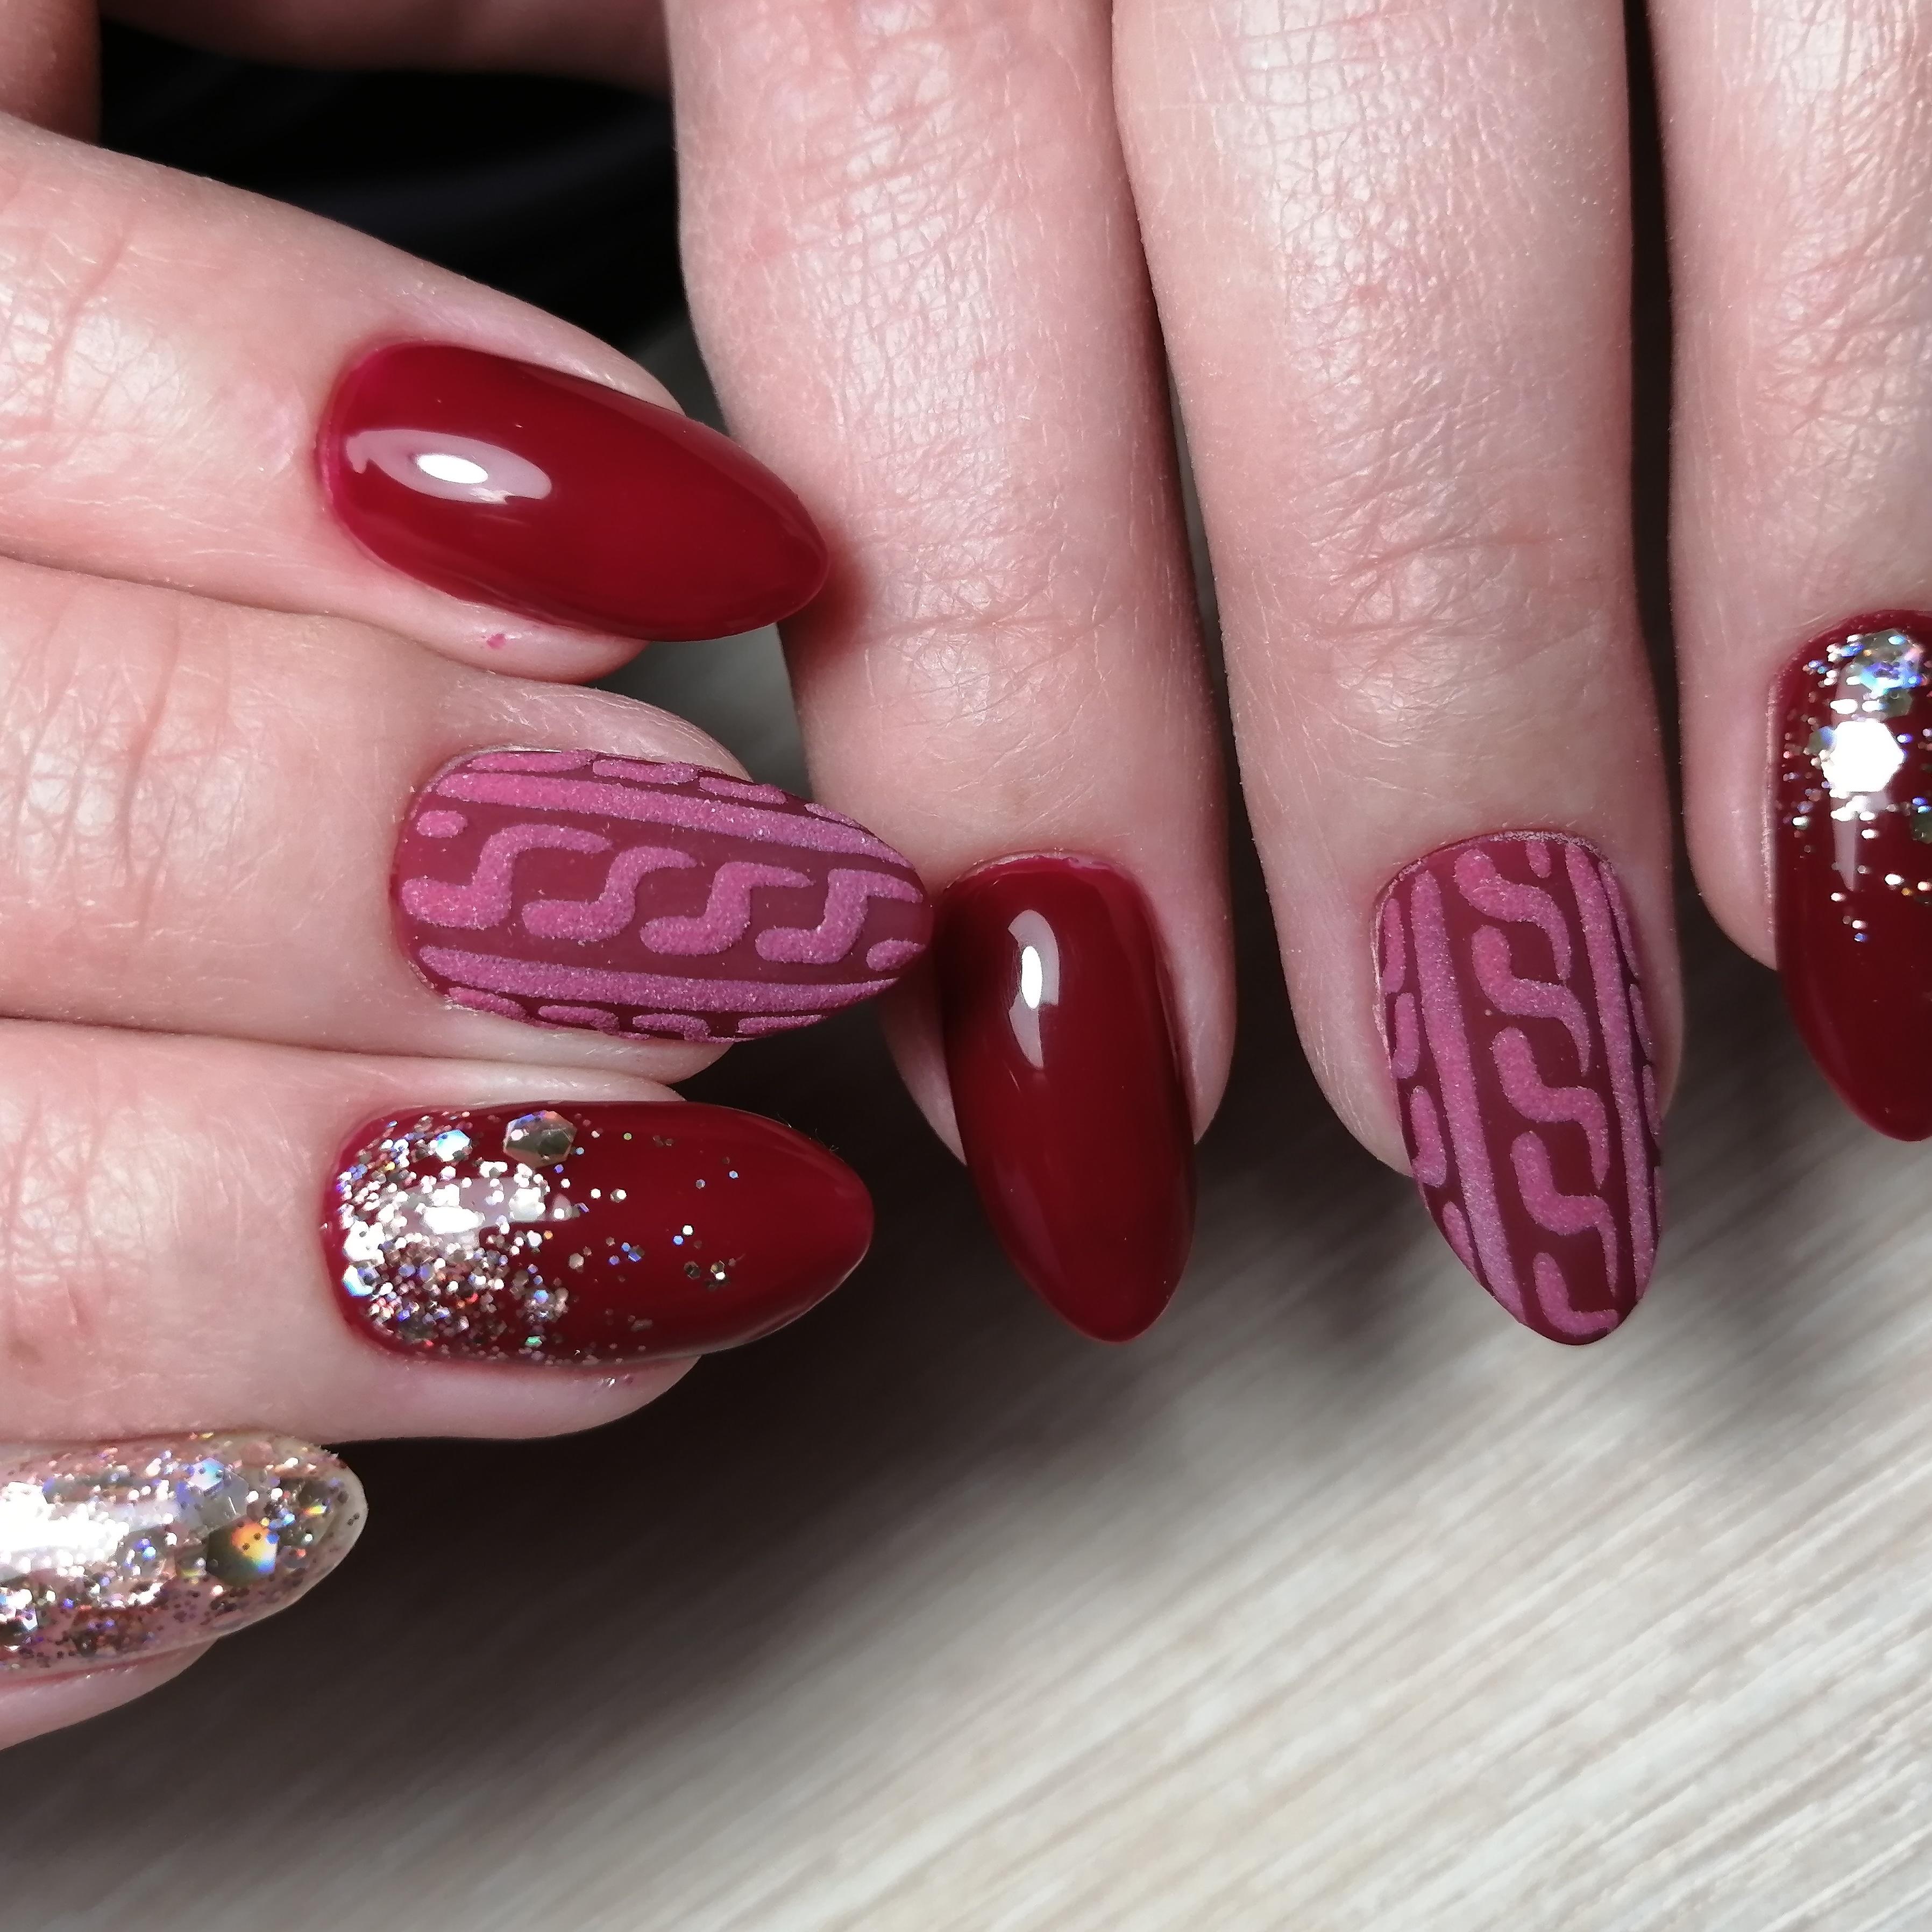 Маникюр в тёмно-красном цвете с песочным вязаным дизайном и серебряными блёстками.